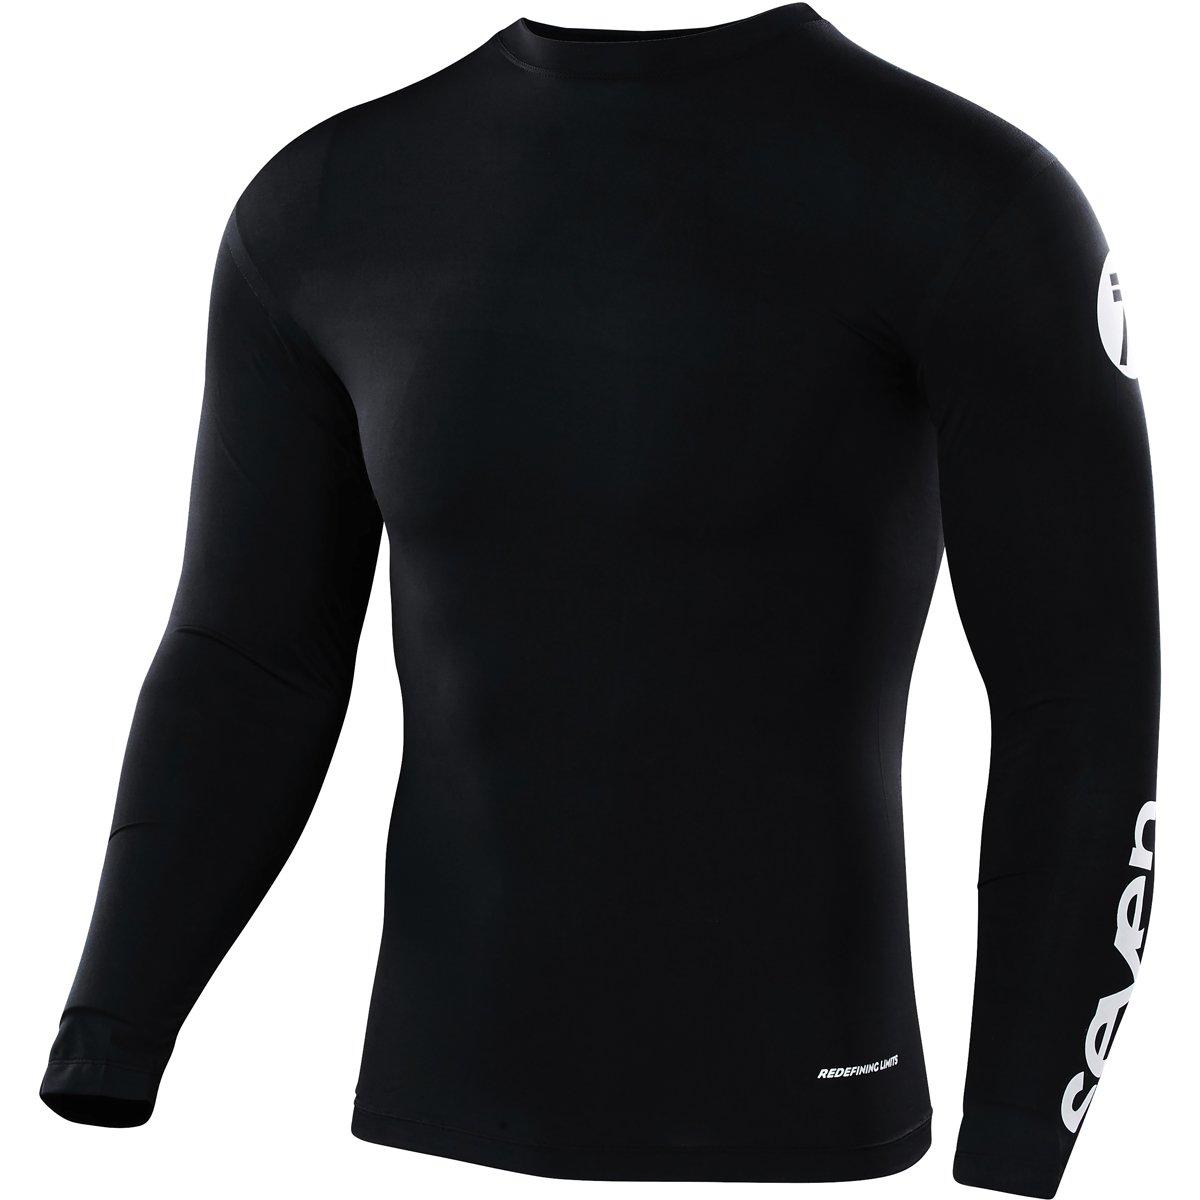 Seven Zero Staple Compression Jersey-Black-L